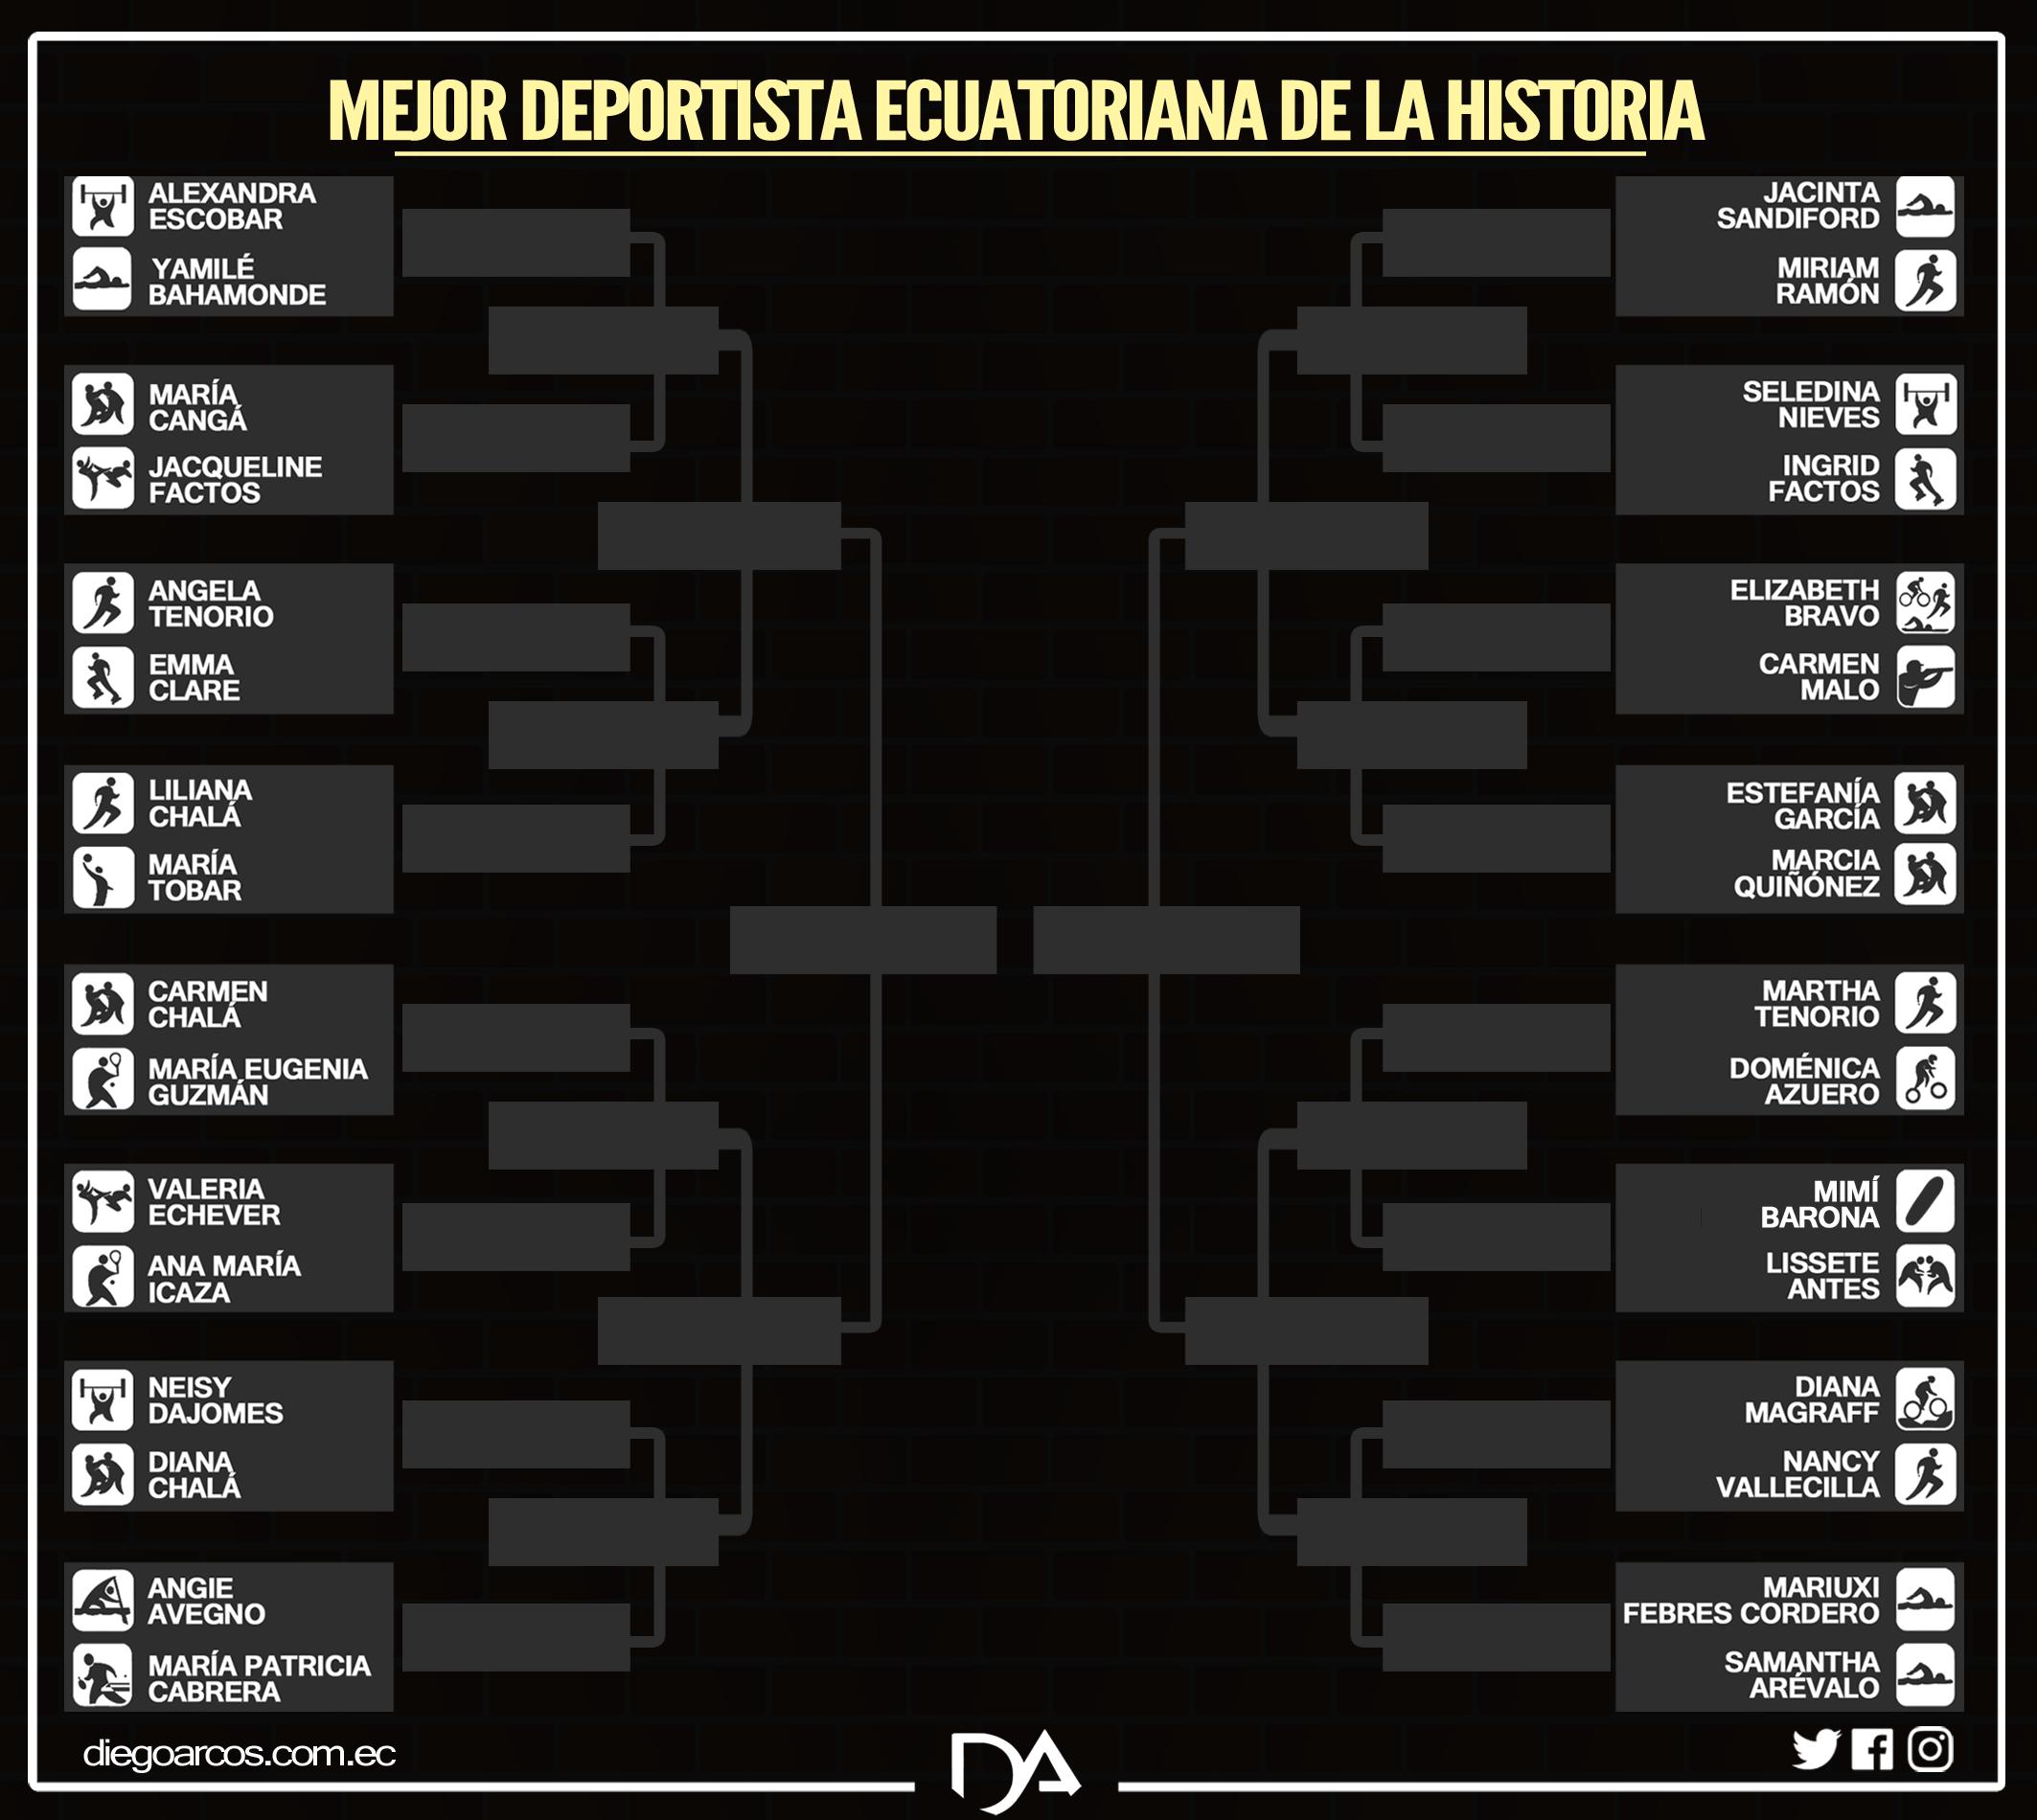 Un torneo muy femenino y muy ecuatoriano